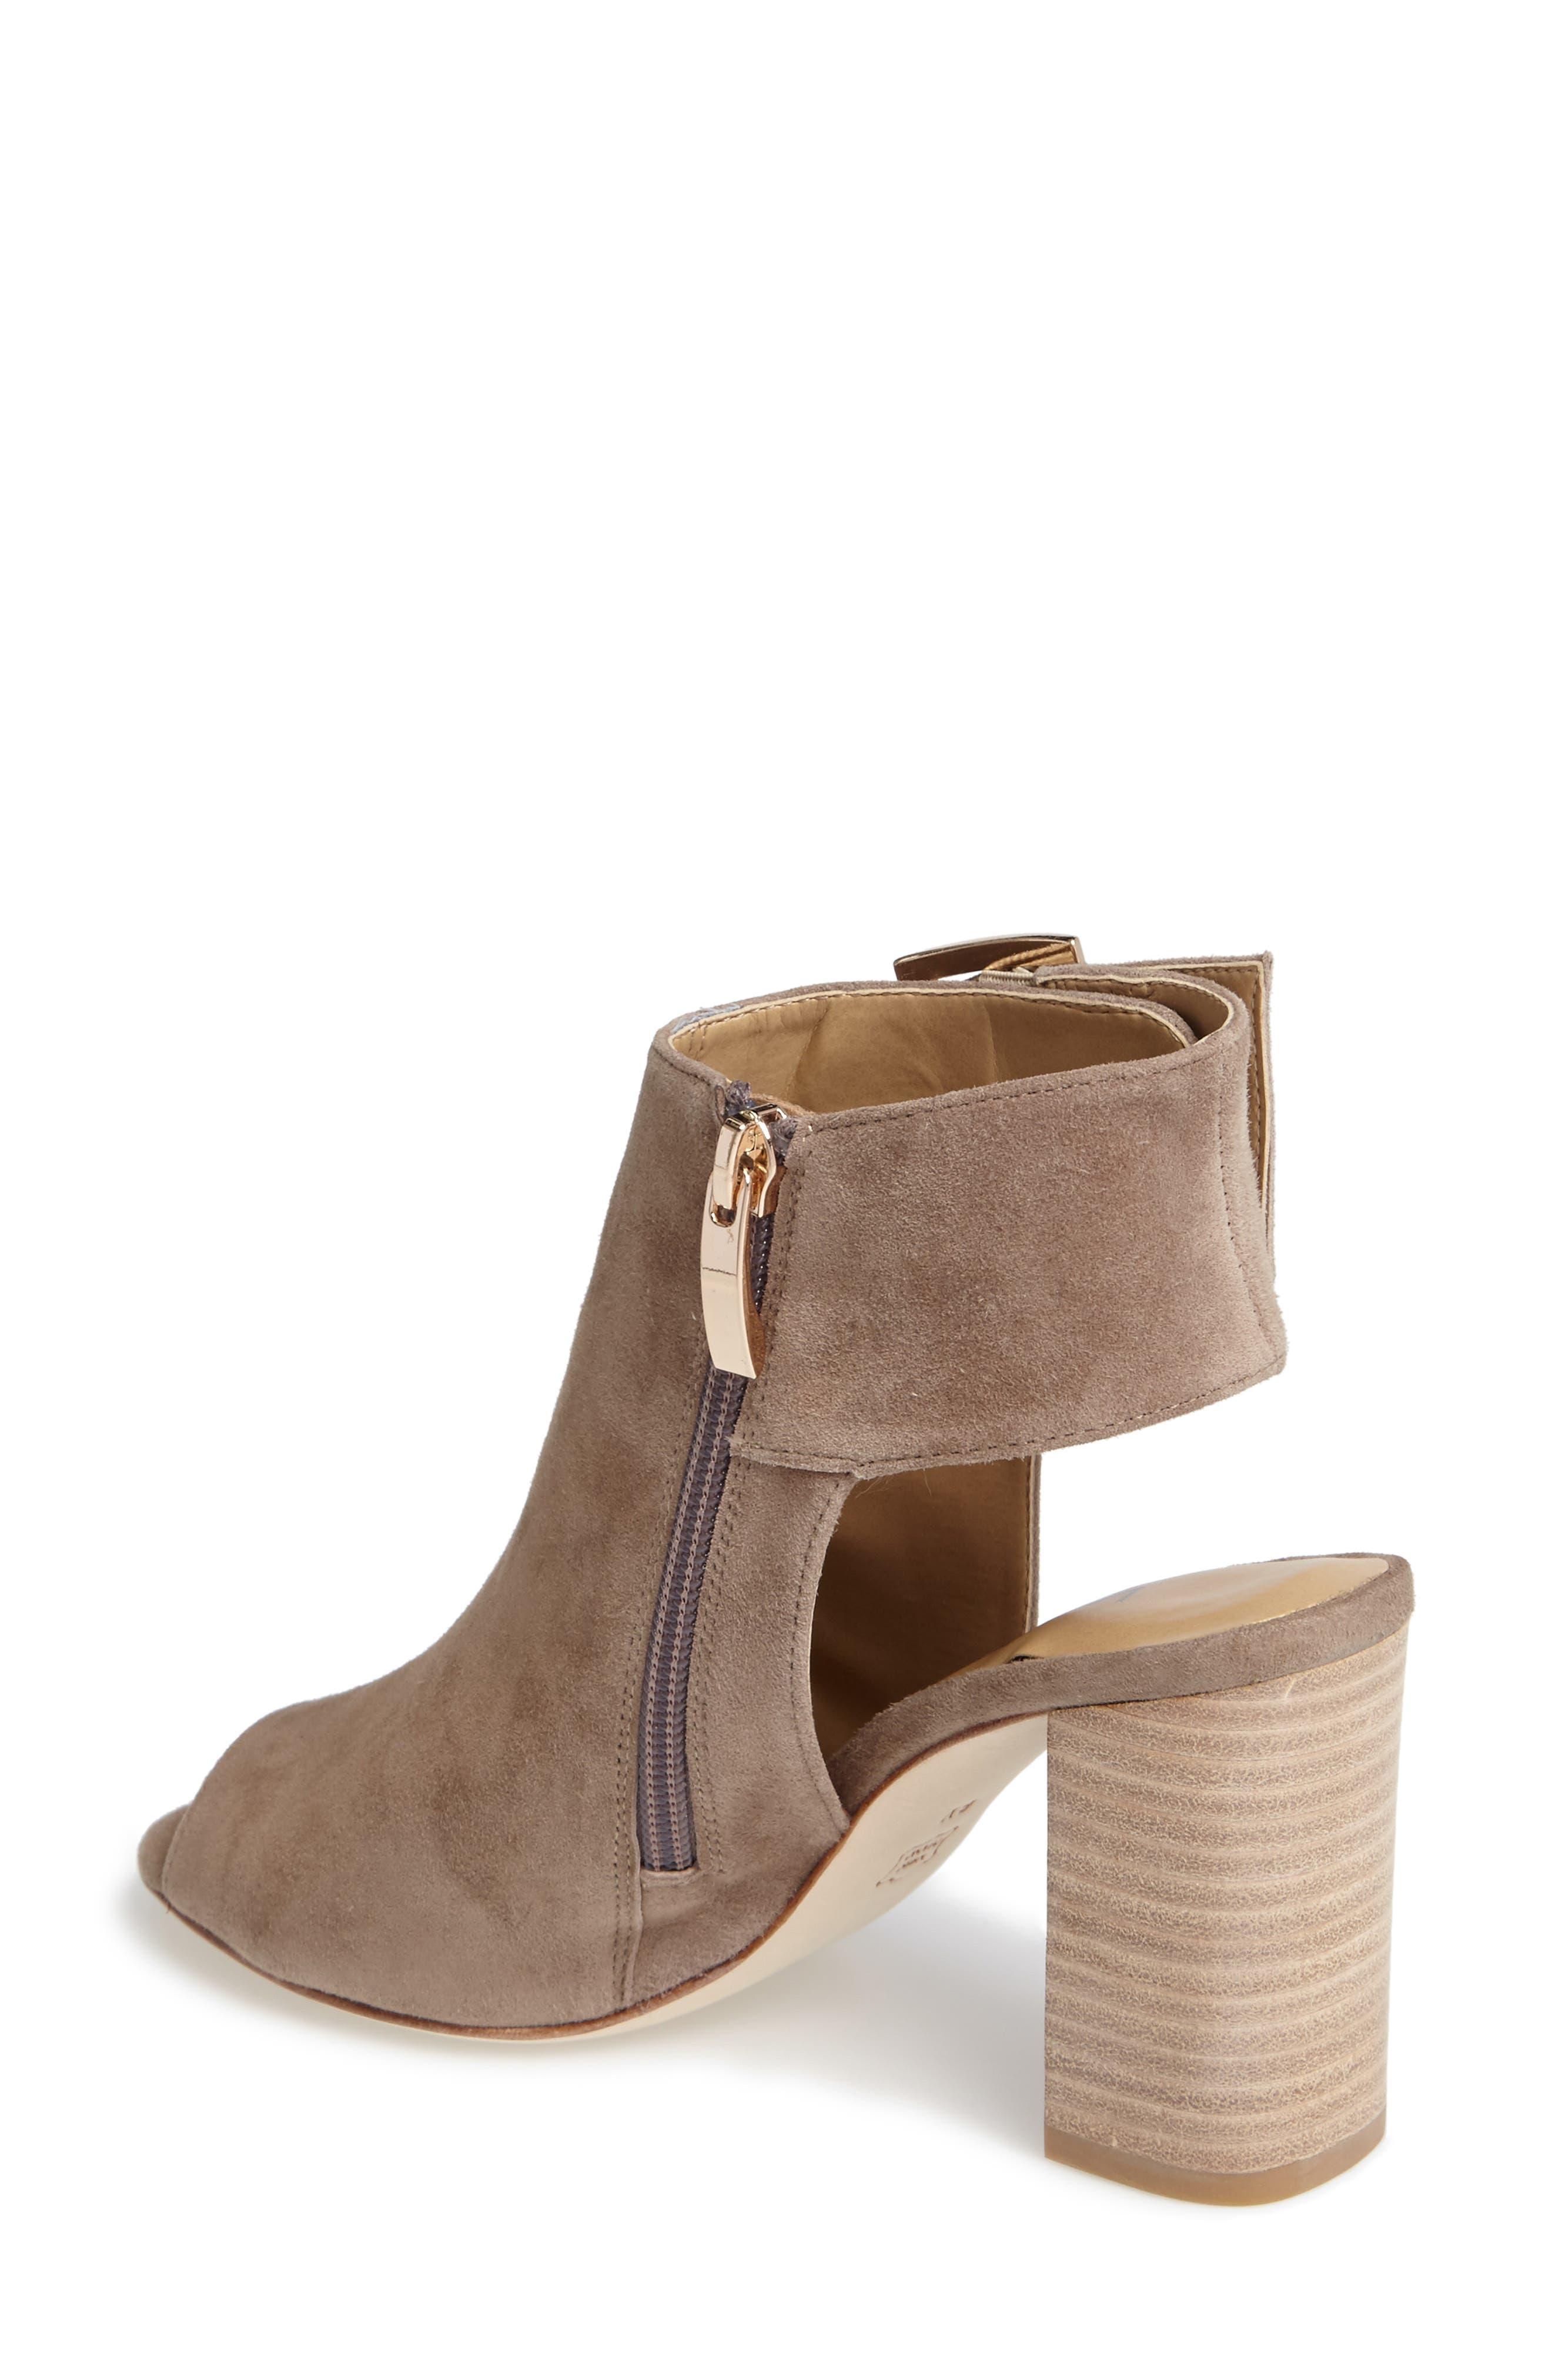 Alternate Image 2  - VANELi 'Bisa' Peep Toe Slingback Sandal (Women)